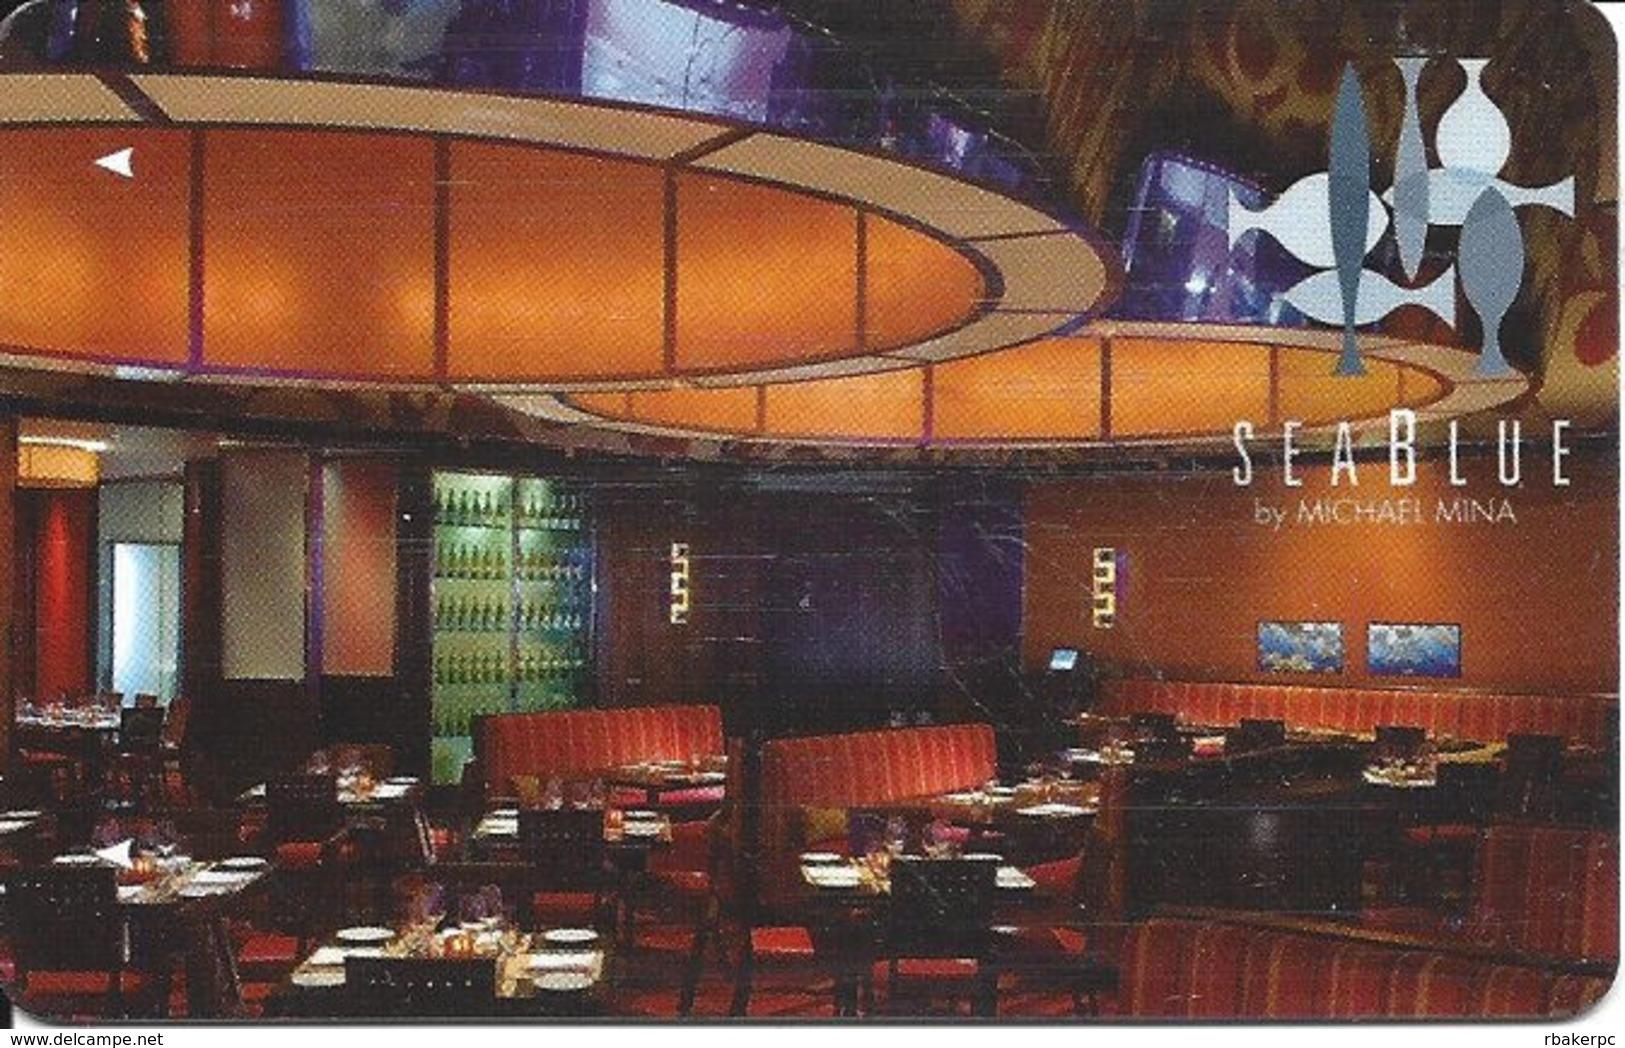 Borgata Casino Atlantic City, NJ - Hotel Keycards